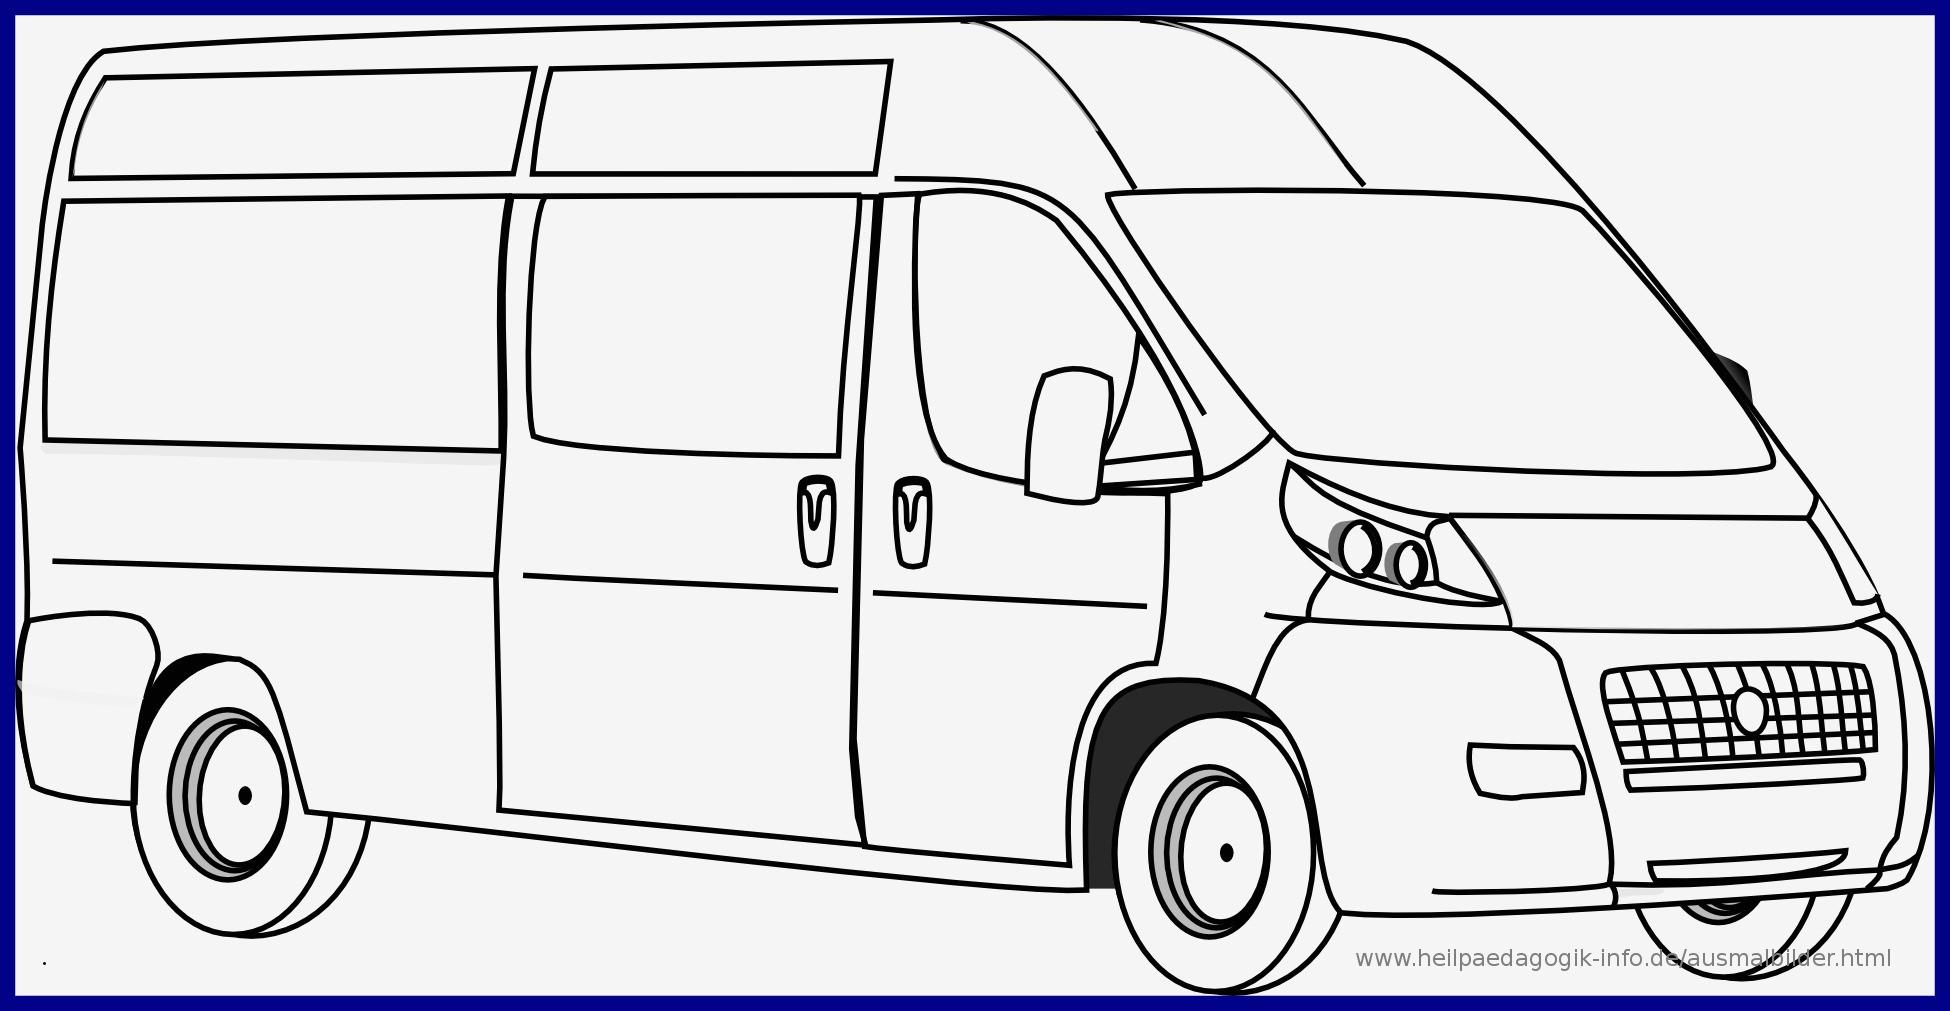 Lightning Mcqueen Ausmalbilder Neu 52 Beispiel Cars Ausmalbilder Lightning Mcqueen Treehouse Nyc Das Bild